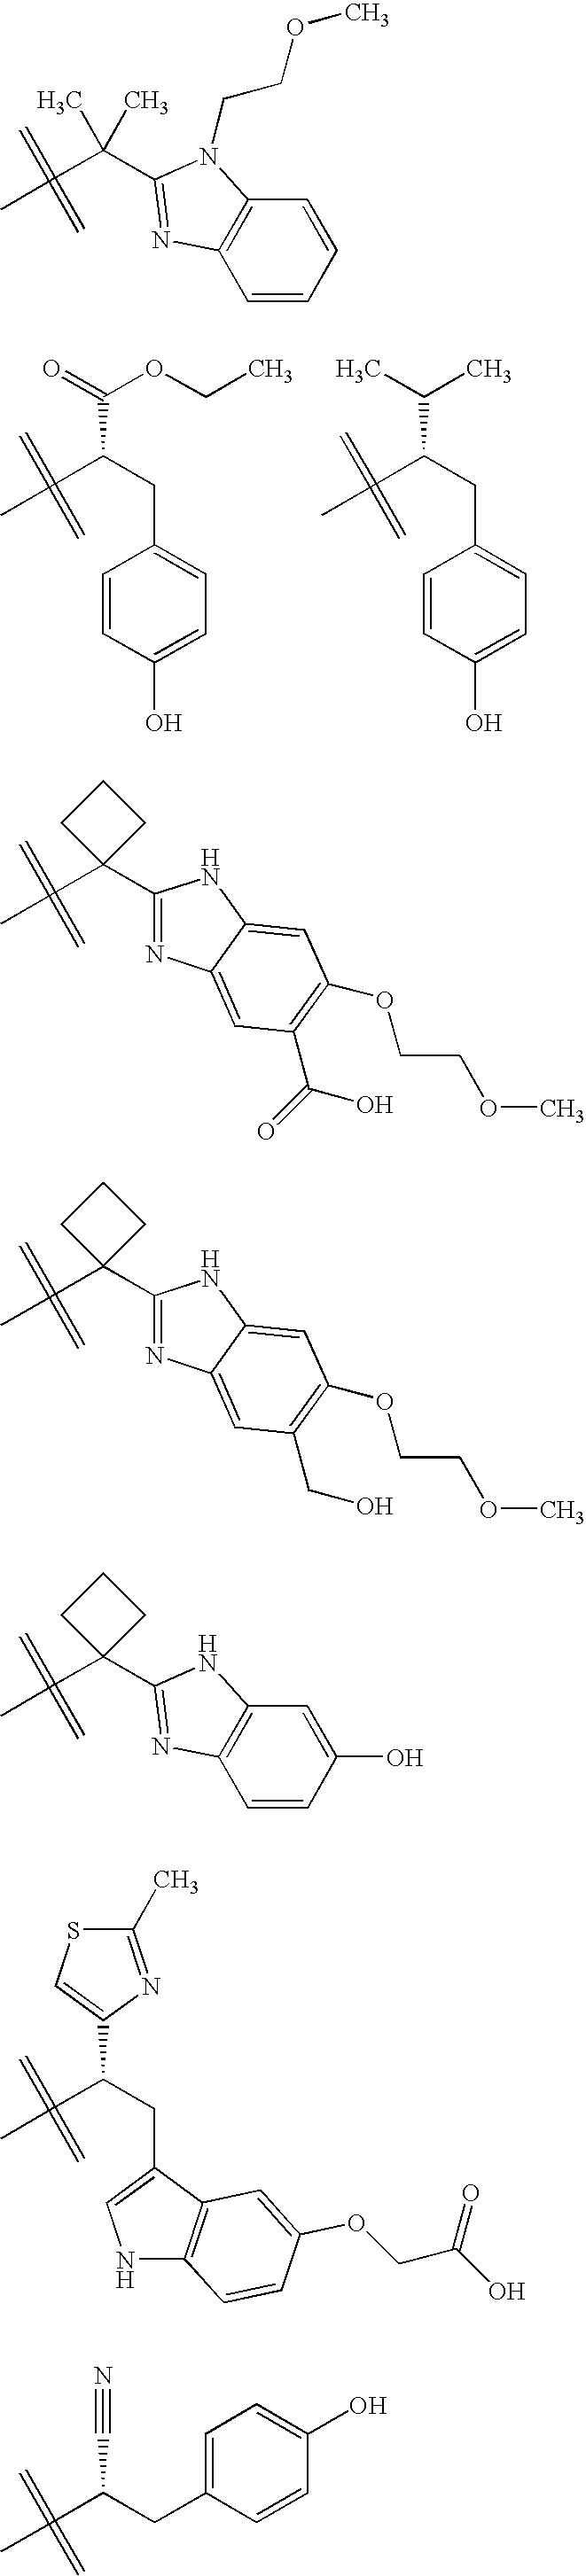 Figure US20070049593A1-20070301-C00196